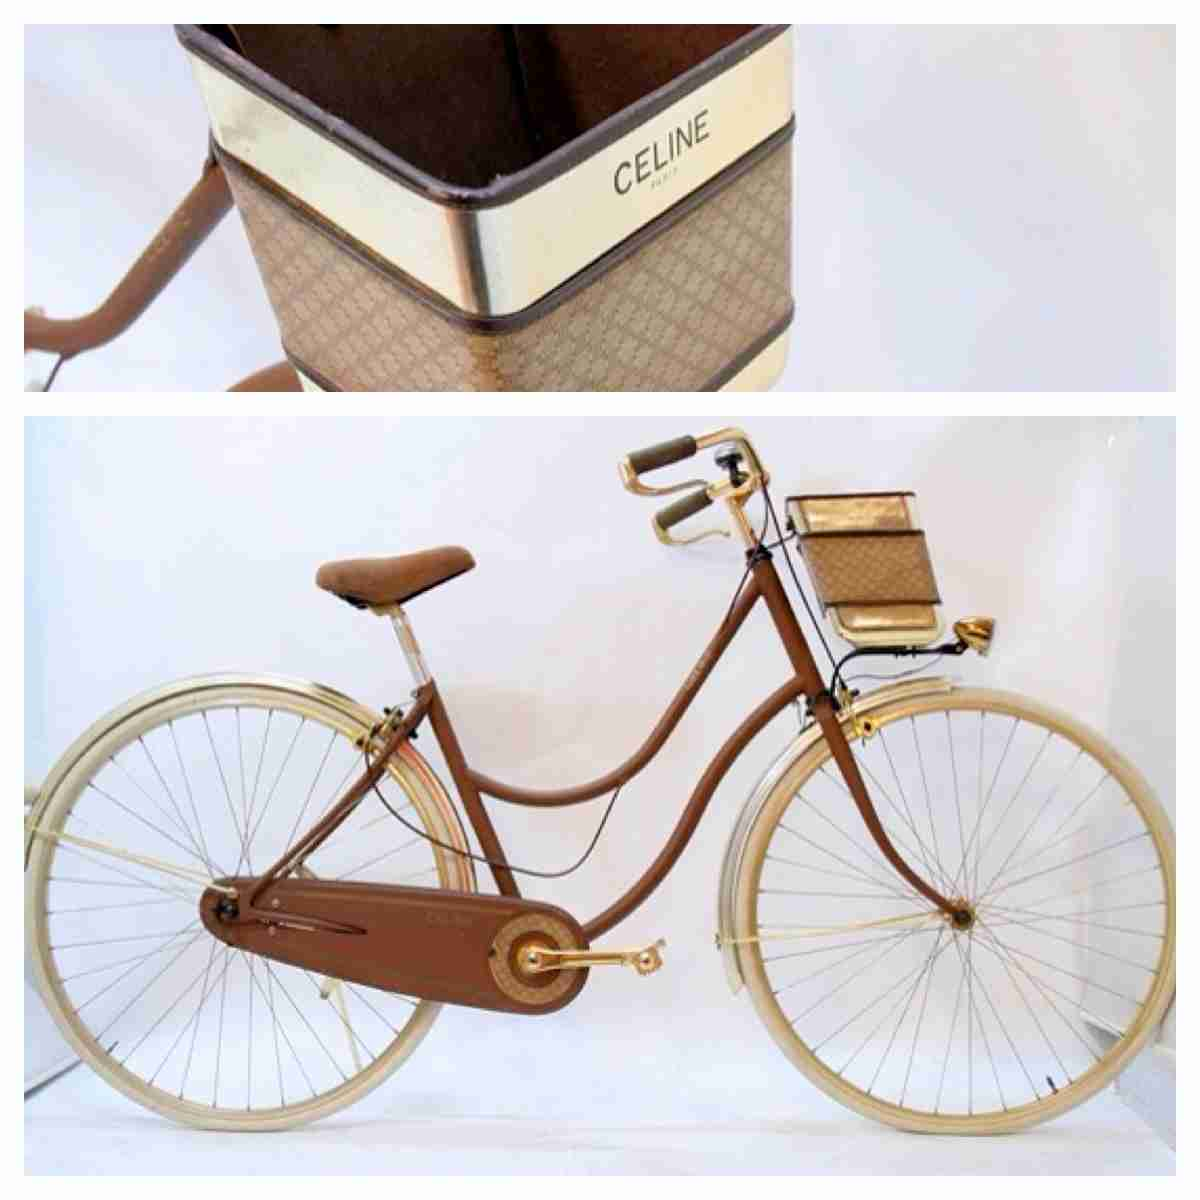 どんな自転車乗っていますか?